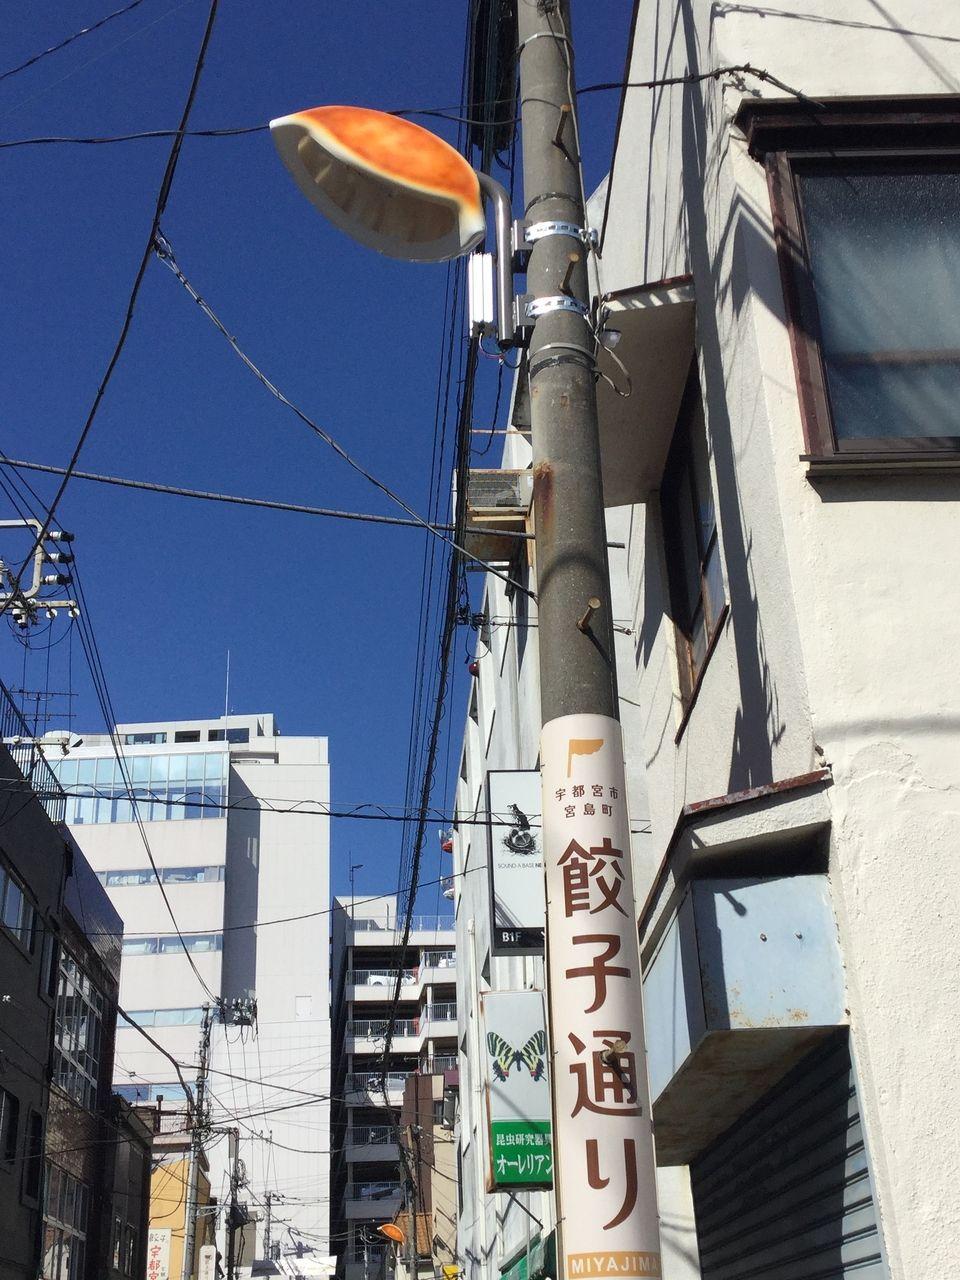 宇都宮市 ギョーザ通り 餃子の街灯